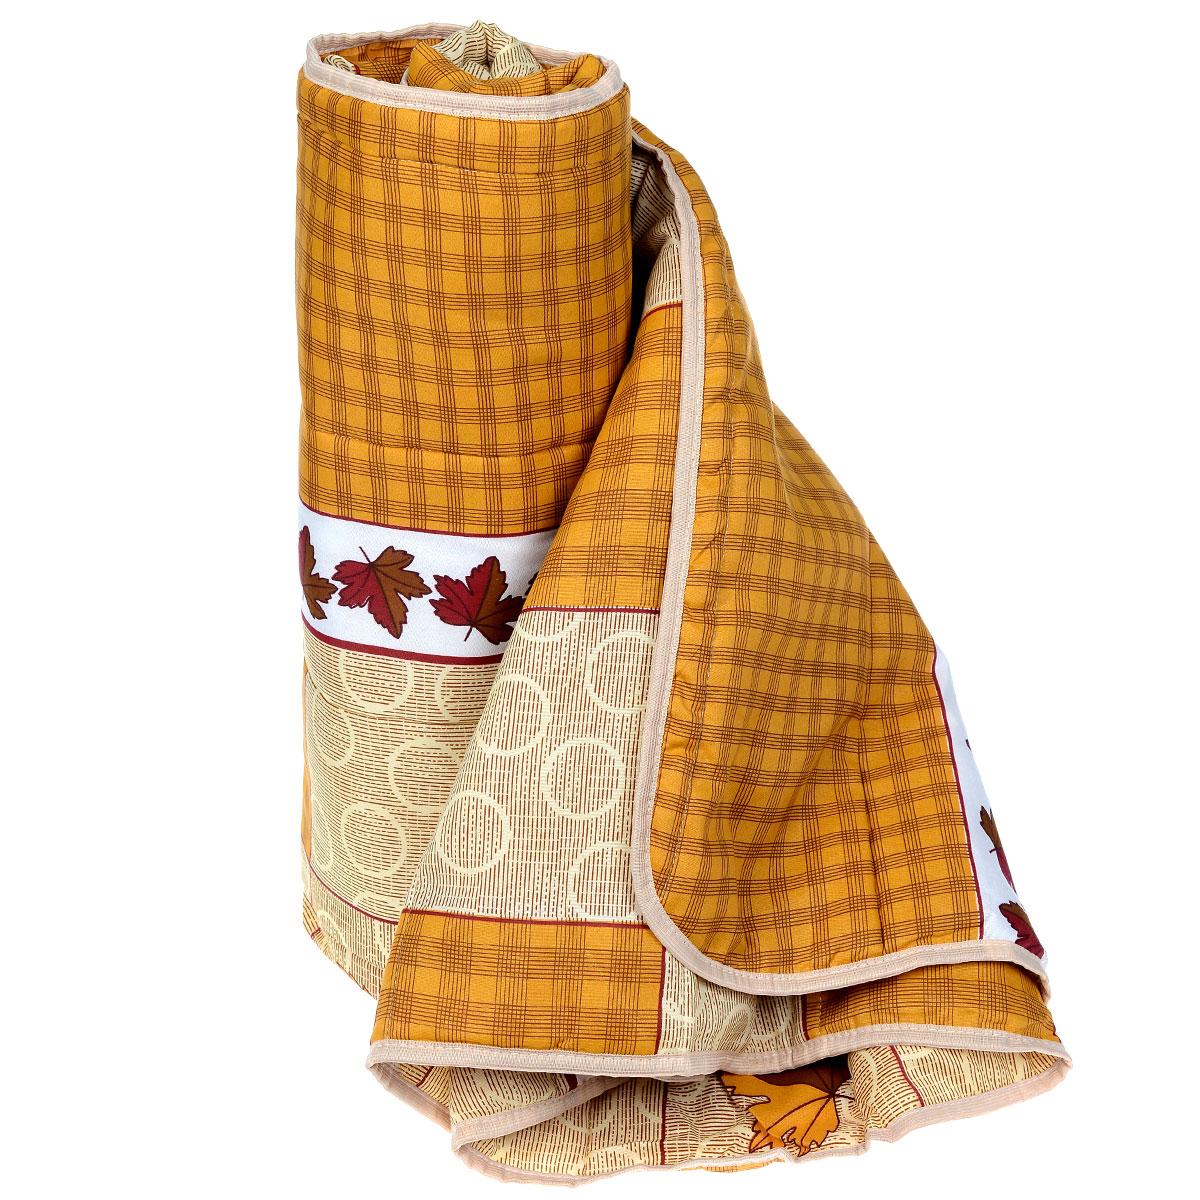 Одеяло летнее OL-Tex Miotex, наполнитель: полиэфирное волокно Holfiteks, 140 см х 205 смМХПЭ-15-1 _коричневый с листьямиЛетнее одеяло OL-Tex Miotex создаст комфорт и уют во время сна. Стеганый чехол выполнен из полиэстера и оформлен красочным рисунком. Внутри - наполнитель из полиэфирного высокосиликонизированного волокна Holfiteks, упругий и качественный. Холфитекс - современный экологически чистый синтетический материал, изготовленный по новейшим технологиям. Его уникальность заключается в расположении волокон, которые позволяют моментально восстанавливать форму и сохранять ее долгое время. Изделия с использованием Холфитекса очень удобны в эксплуатации - их можно часто стирать без потери потребительских свойств, они быстро высыхают, не впитывают запахов и совершенно гиппоаллергенны. Холфитекс также обеспечивает хорошую терморегуляцию, поэтому изделия с наполнителем из холфитекса очень комфортны в использовании. Летнее одеяло с наполнителем Холфитекс прекрасно держит тепло, при этом оно очень легкое и уютное. Оно комфортно согревает и создает отличный микроклимат, под...